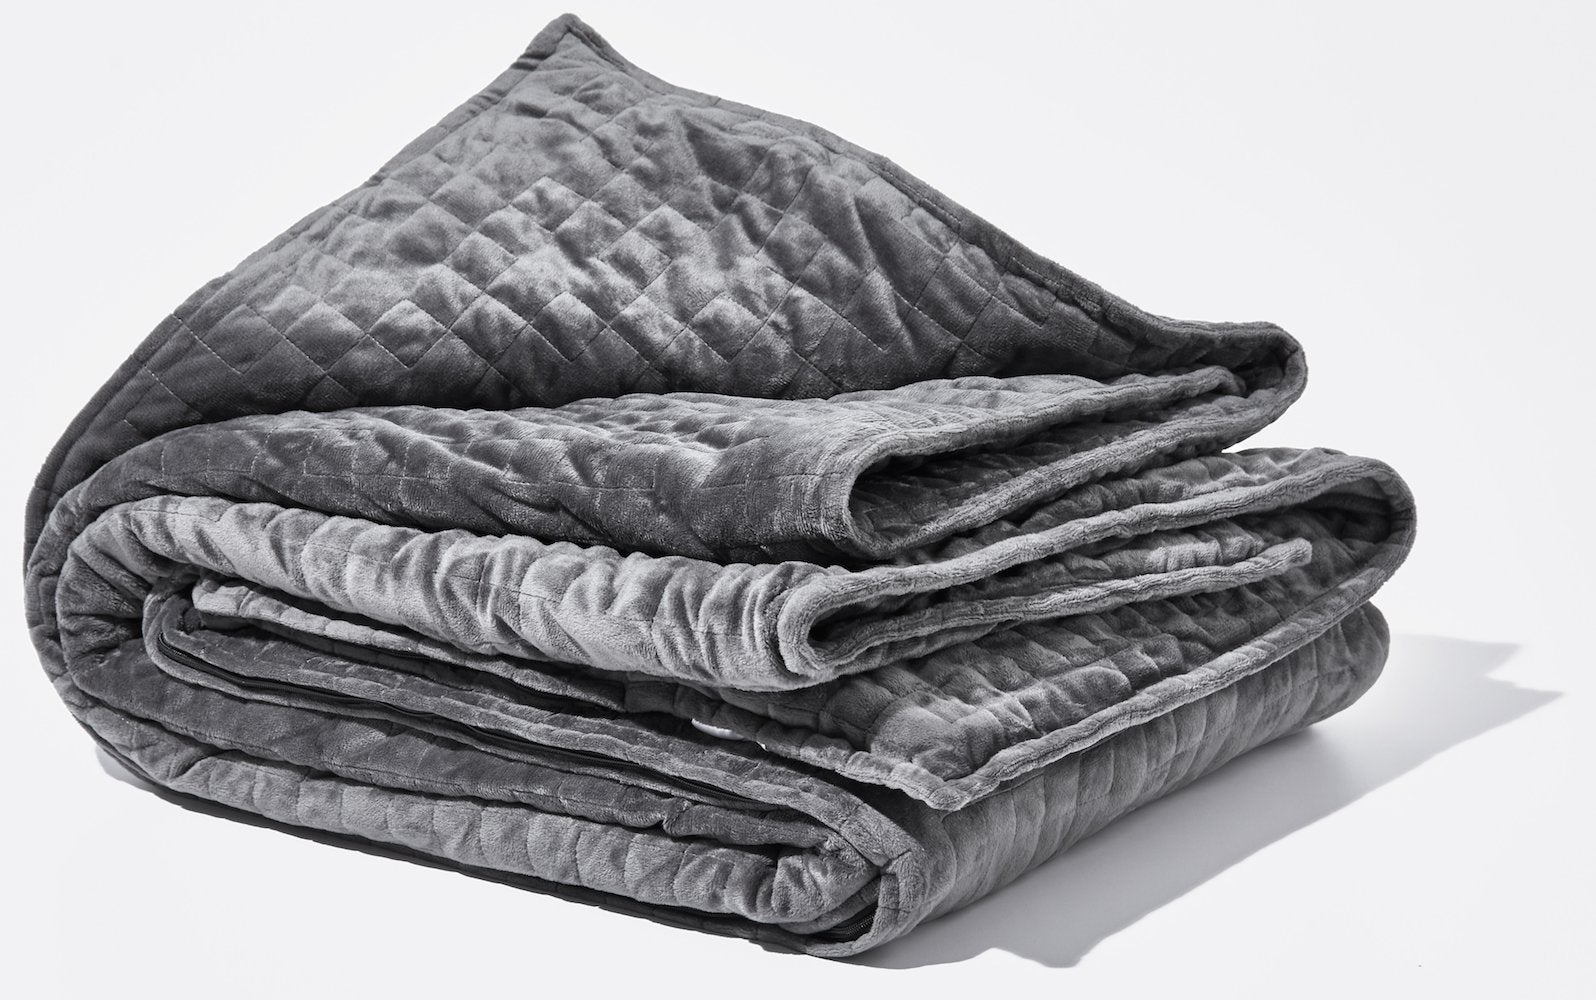 Gravity Blanket - 15 lb